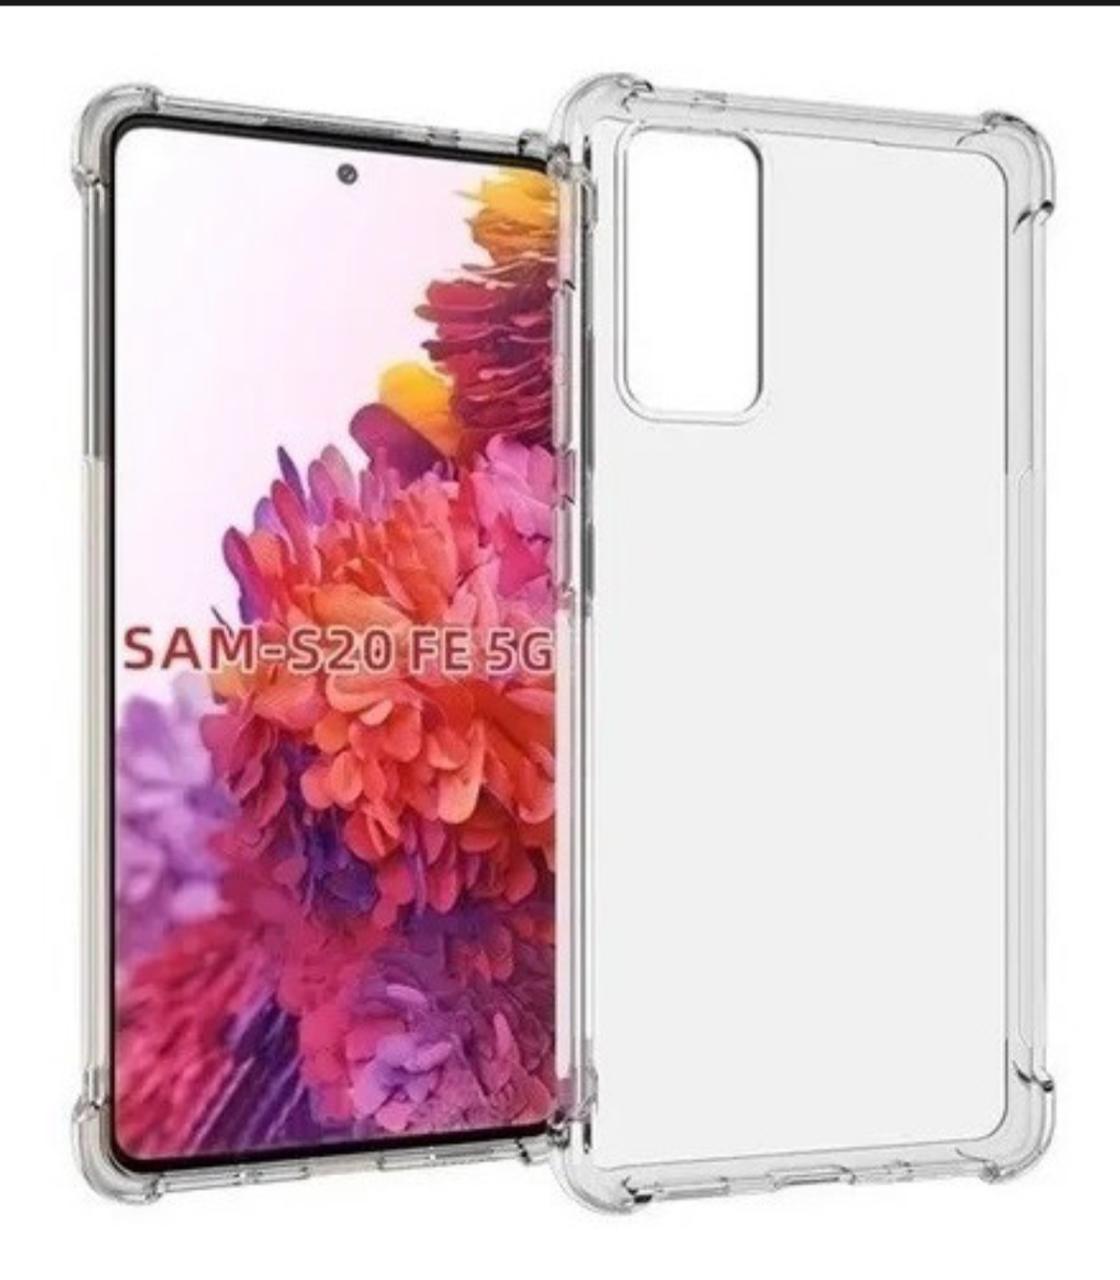 Capa Transparente Anti Impacto Samsung S20FE CT-S20FE